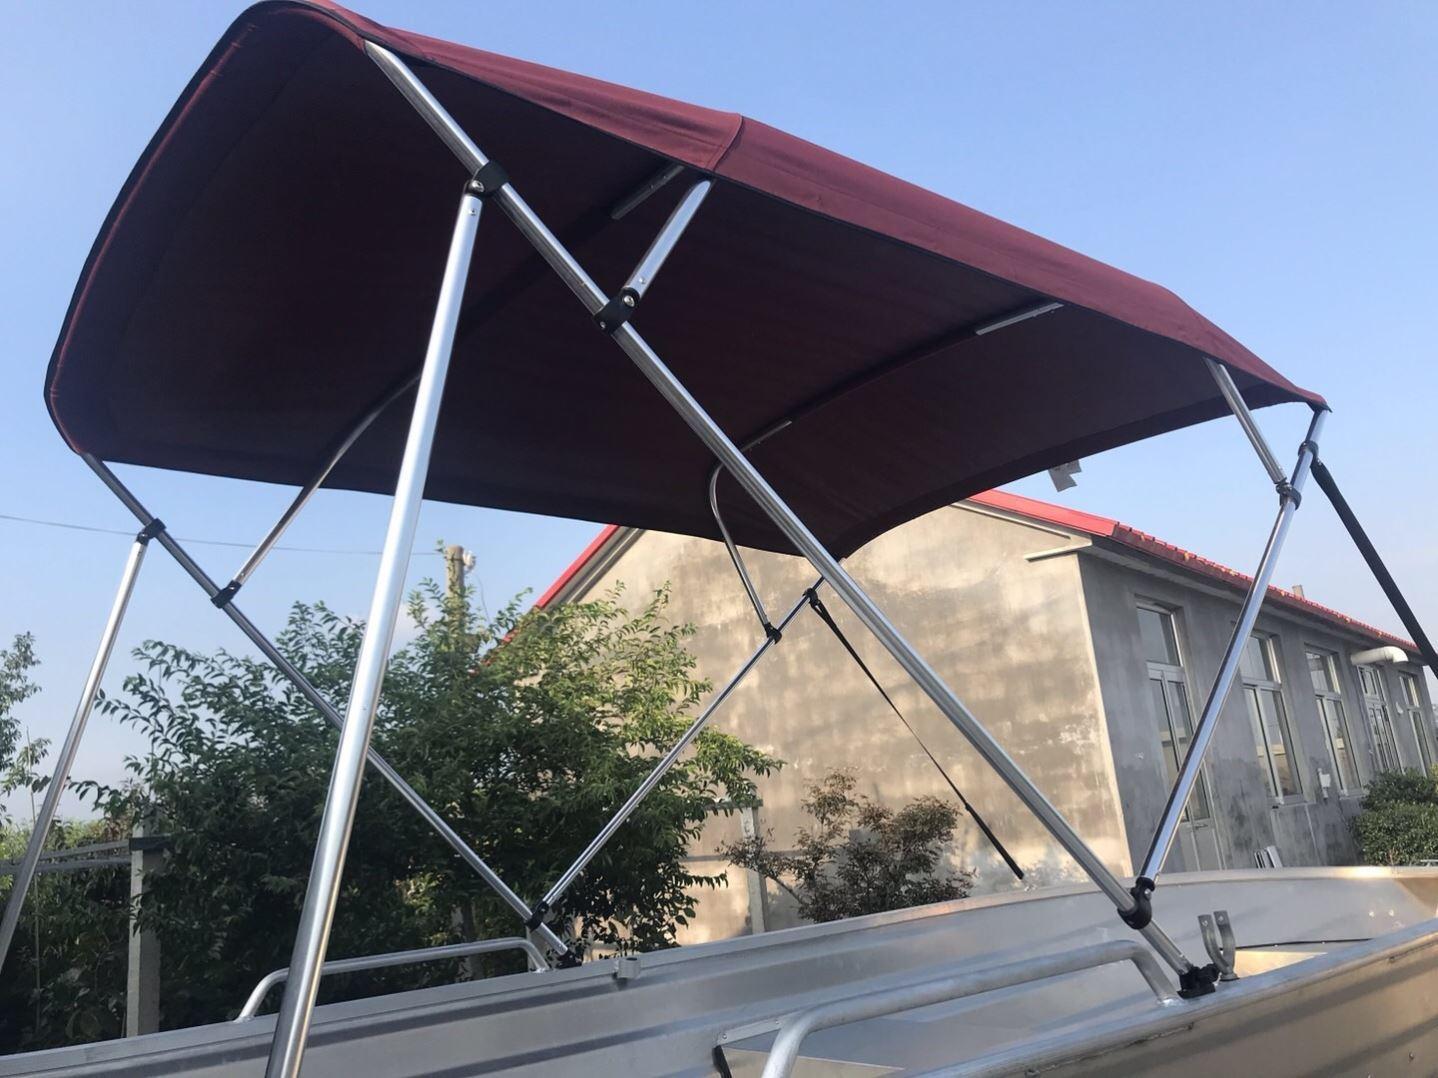 遮雨蓬加固顶部雨蓬棚子铝合金快艇遮阳棚钓鱼船高速冲锋舟船用